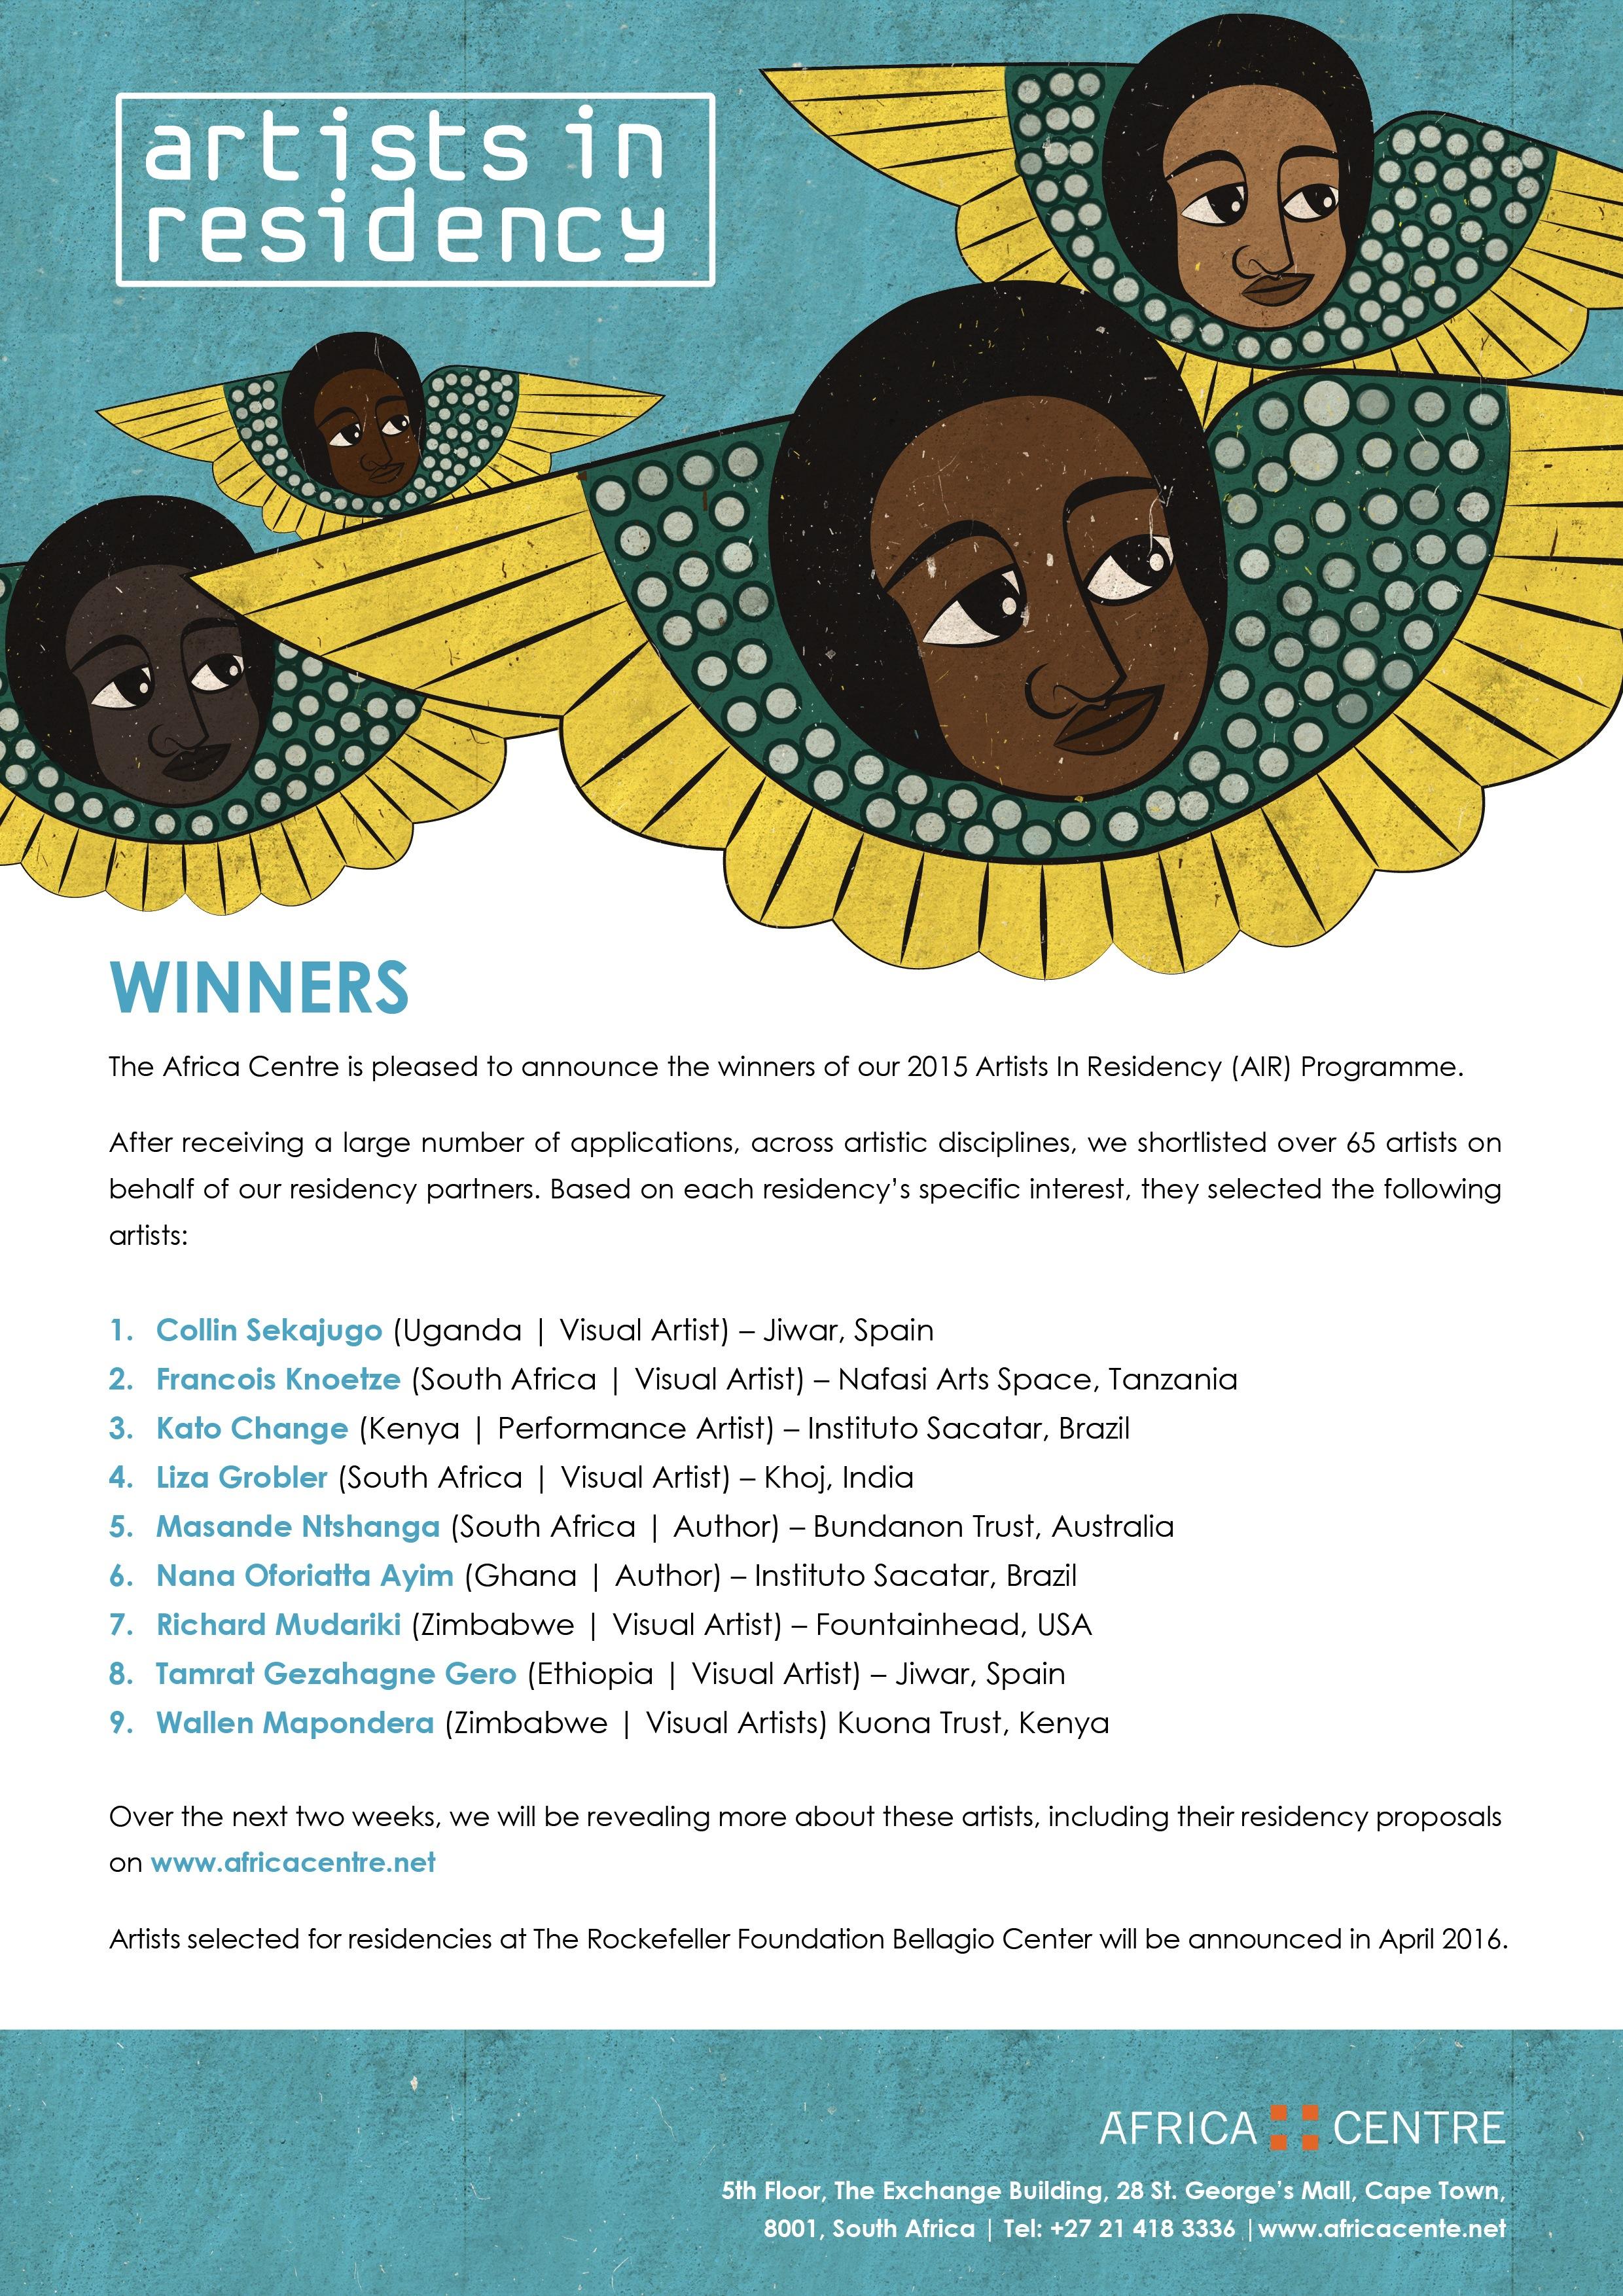 AIR 2015 Winners Announcement